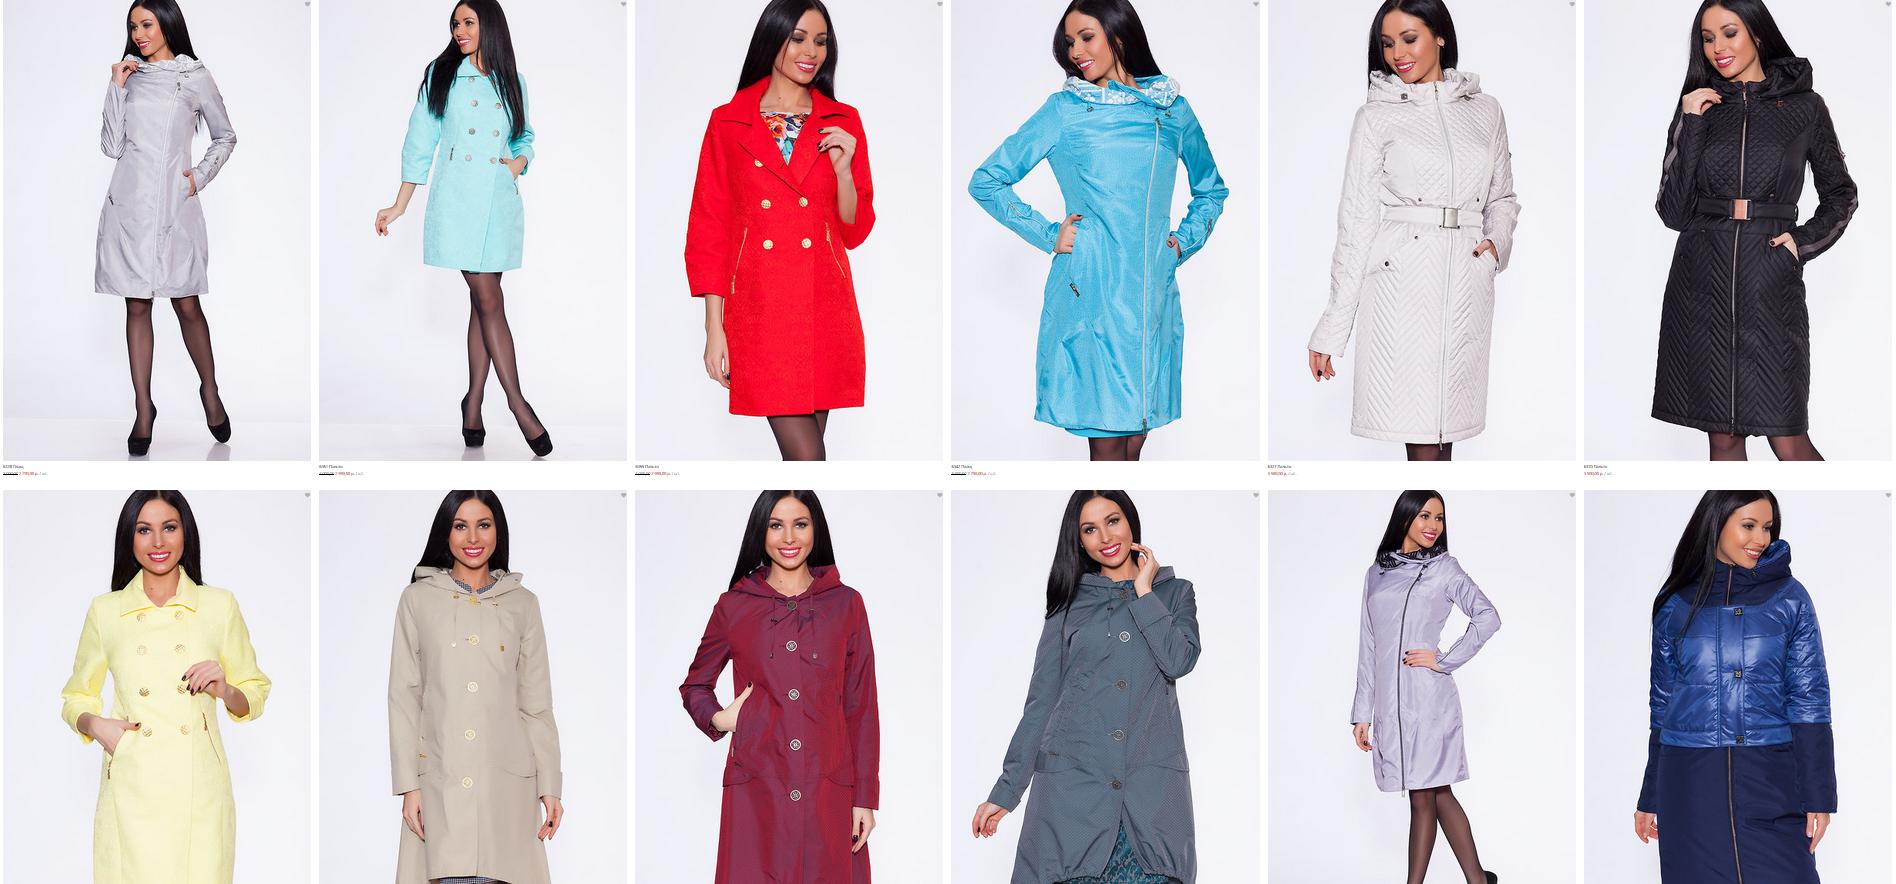 Пальто, жакеты, куртки. Изысканная одежда, оригинальный дизайн, утонченный стиль. Новая коллекция 2016. А так же распродажа до 60%. Выкуп 26